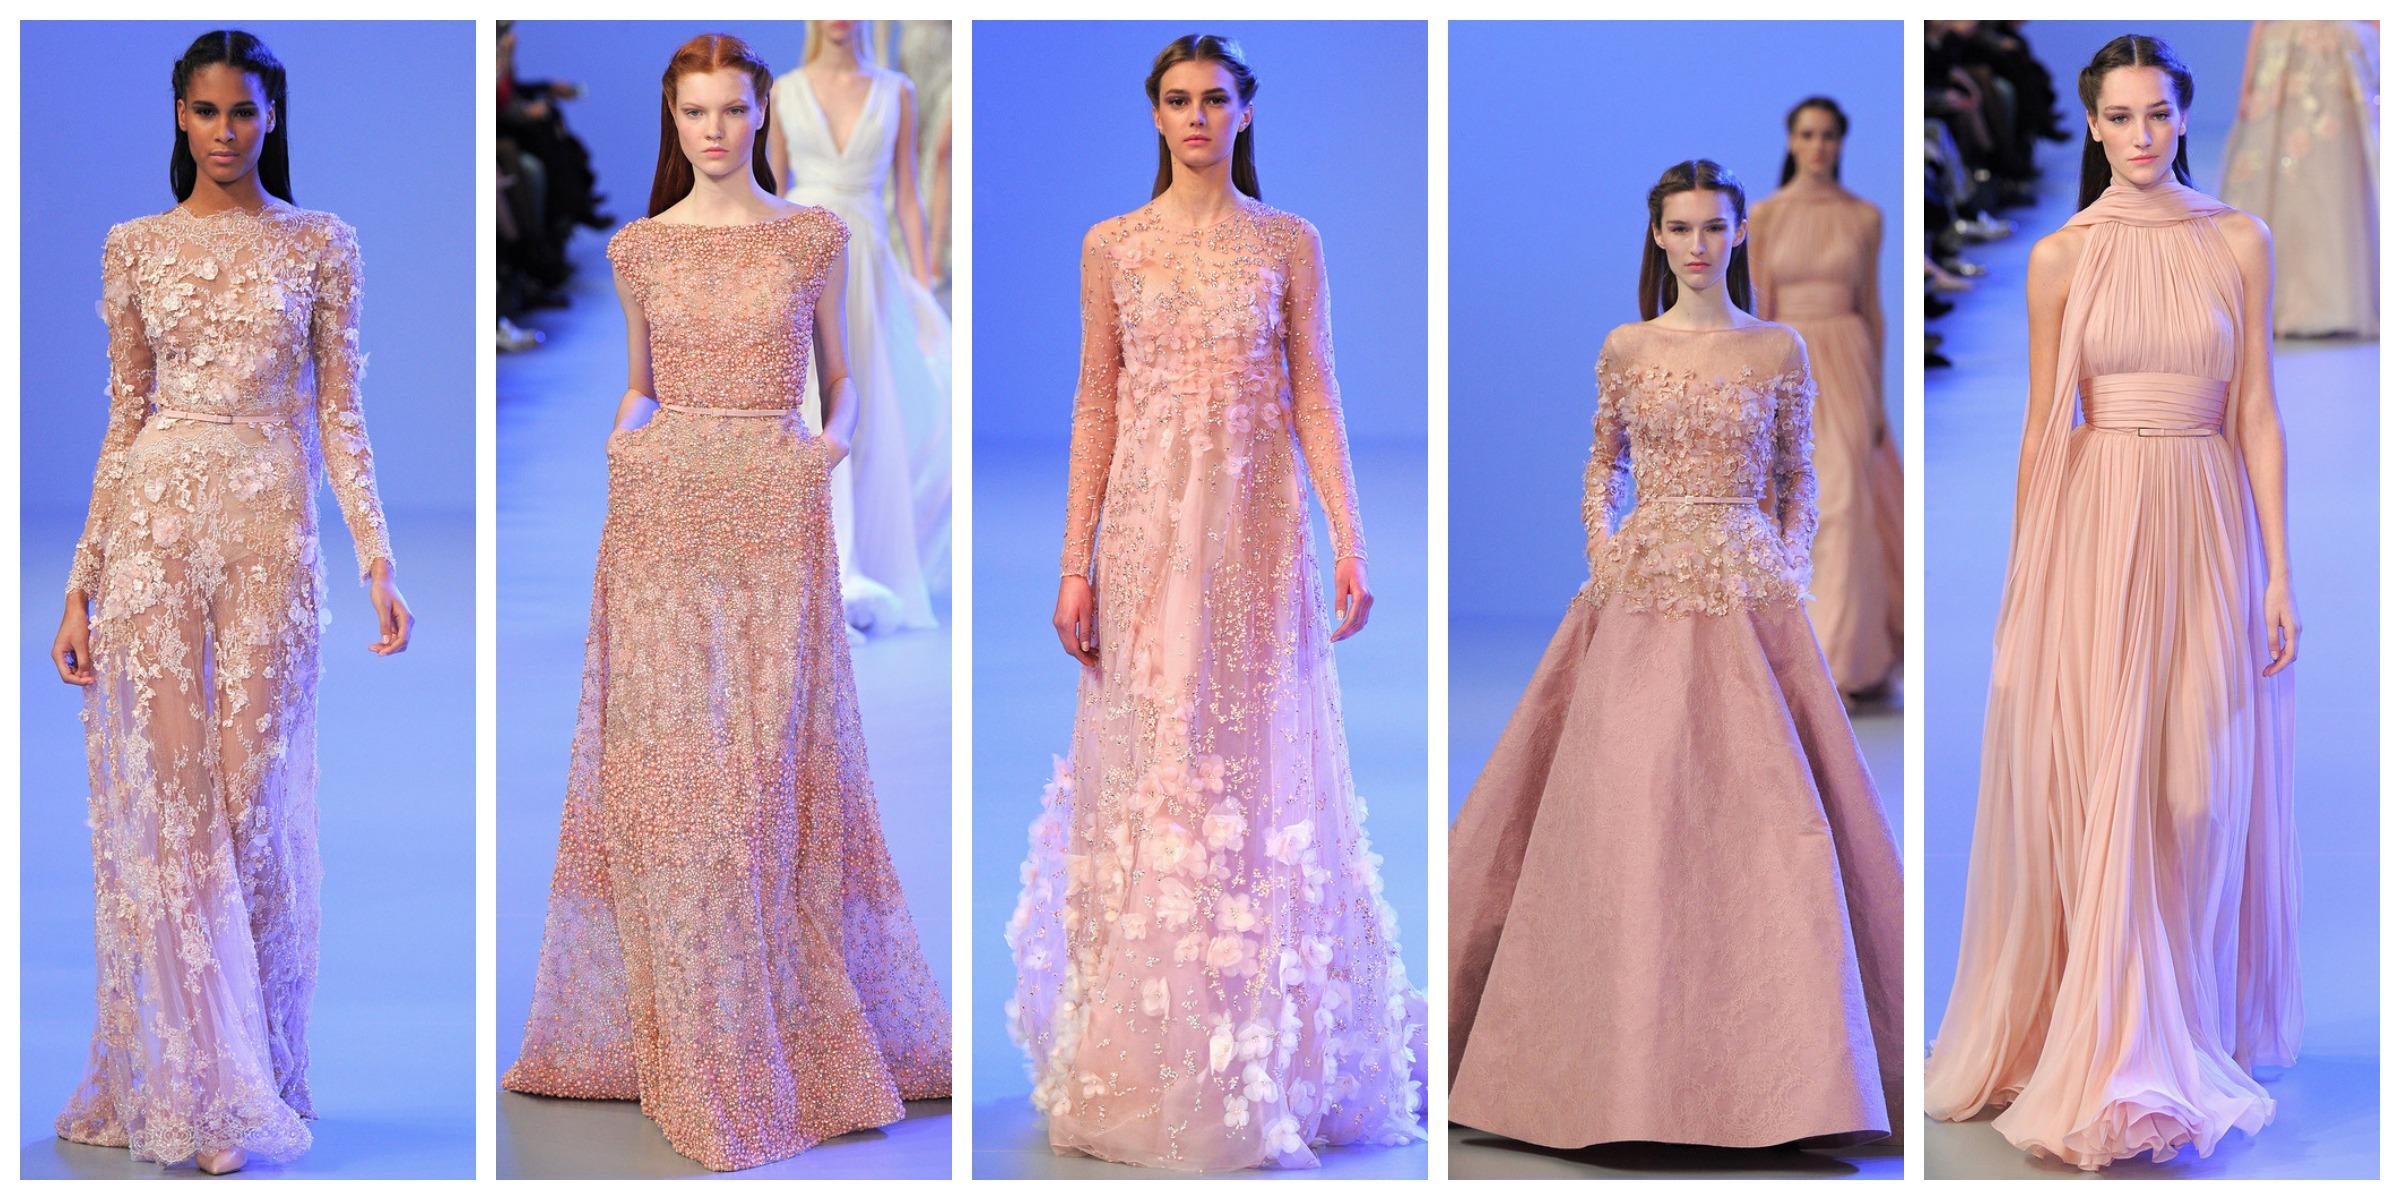 Elie saab couture perlas y coco - Color rosa empolvado ...